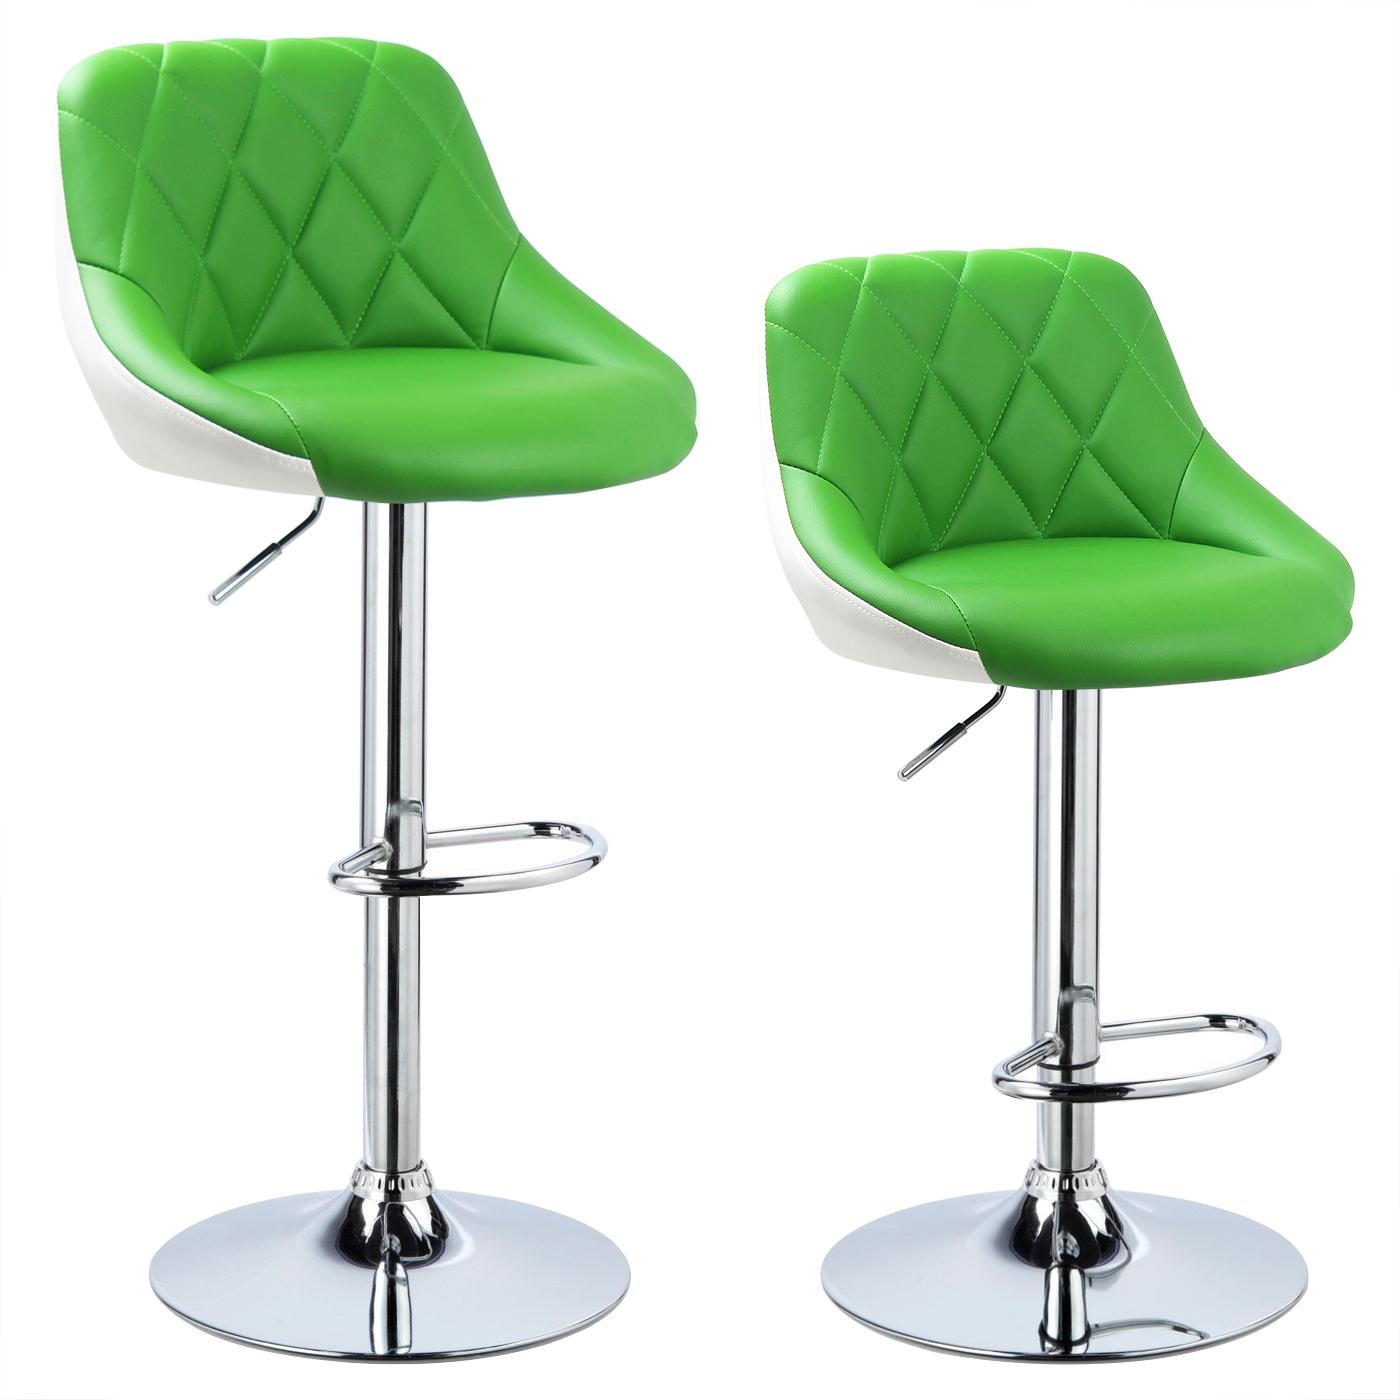 tabourets de bar cuisine lot de 2 pivotant 360 chaise r glable en pu f030 ebay. Black Bedroom Furniture Sets. Home Design Ideas